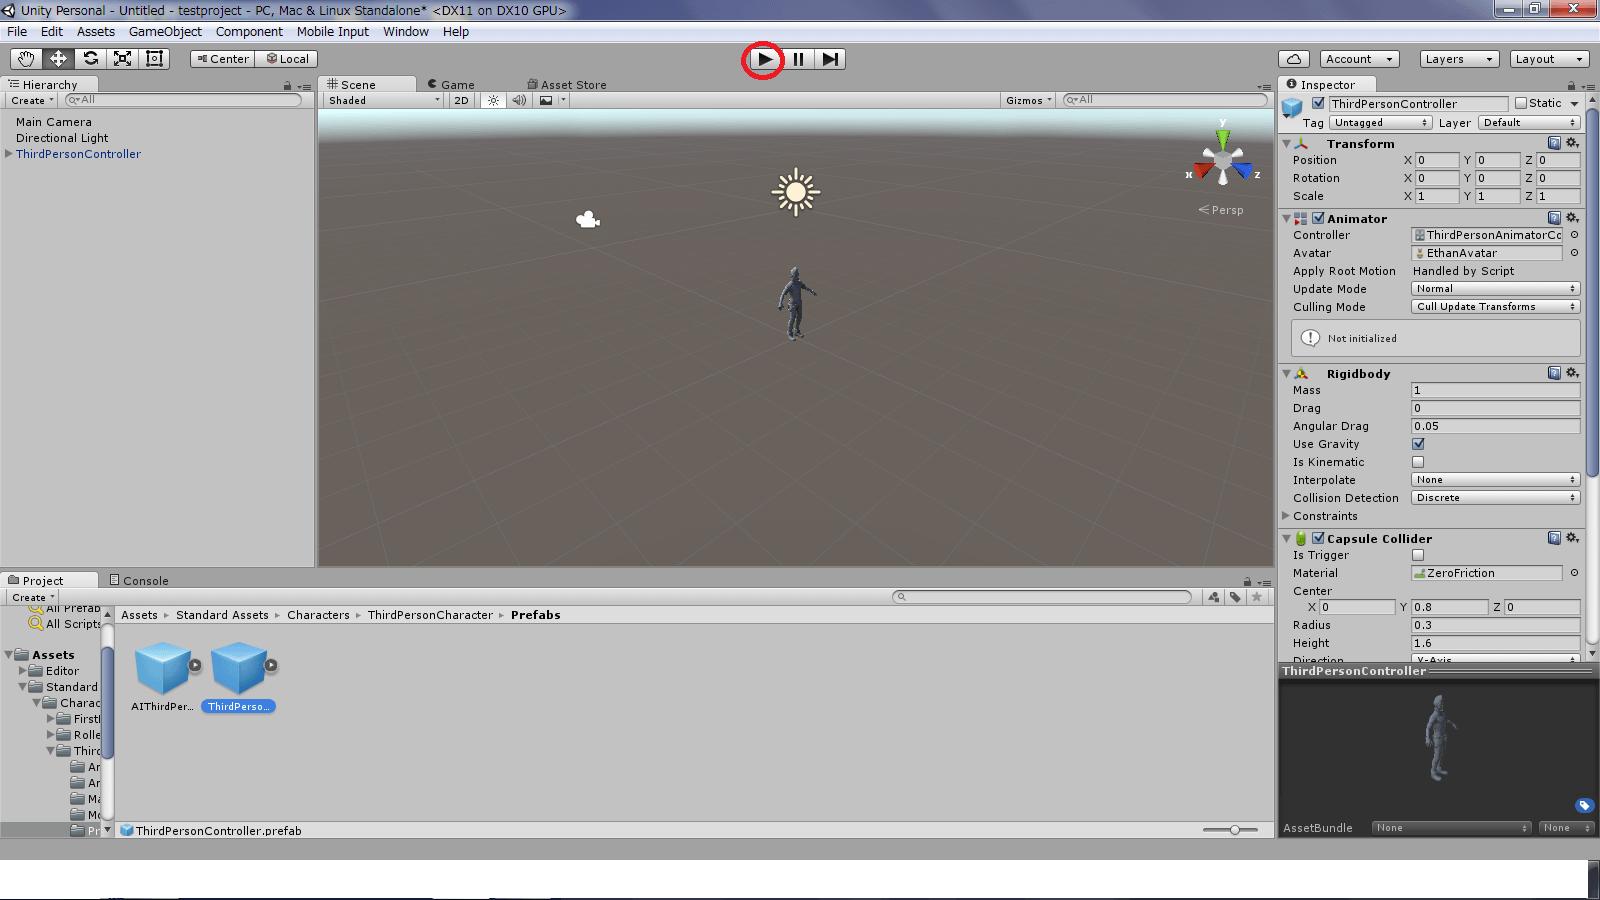 Unityの実行ボタンを押してテストプレイ